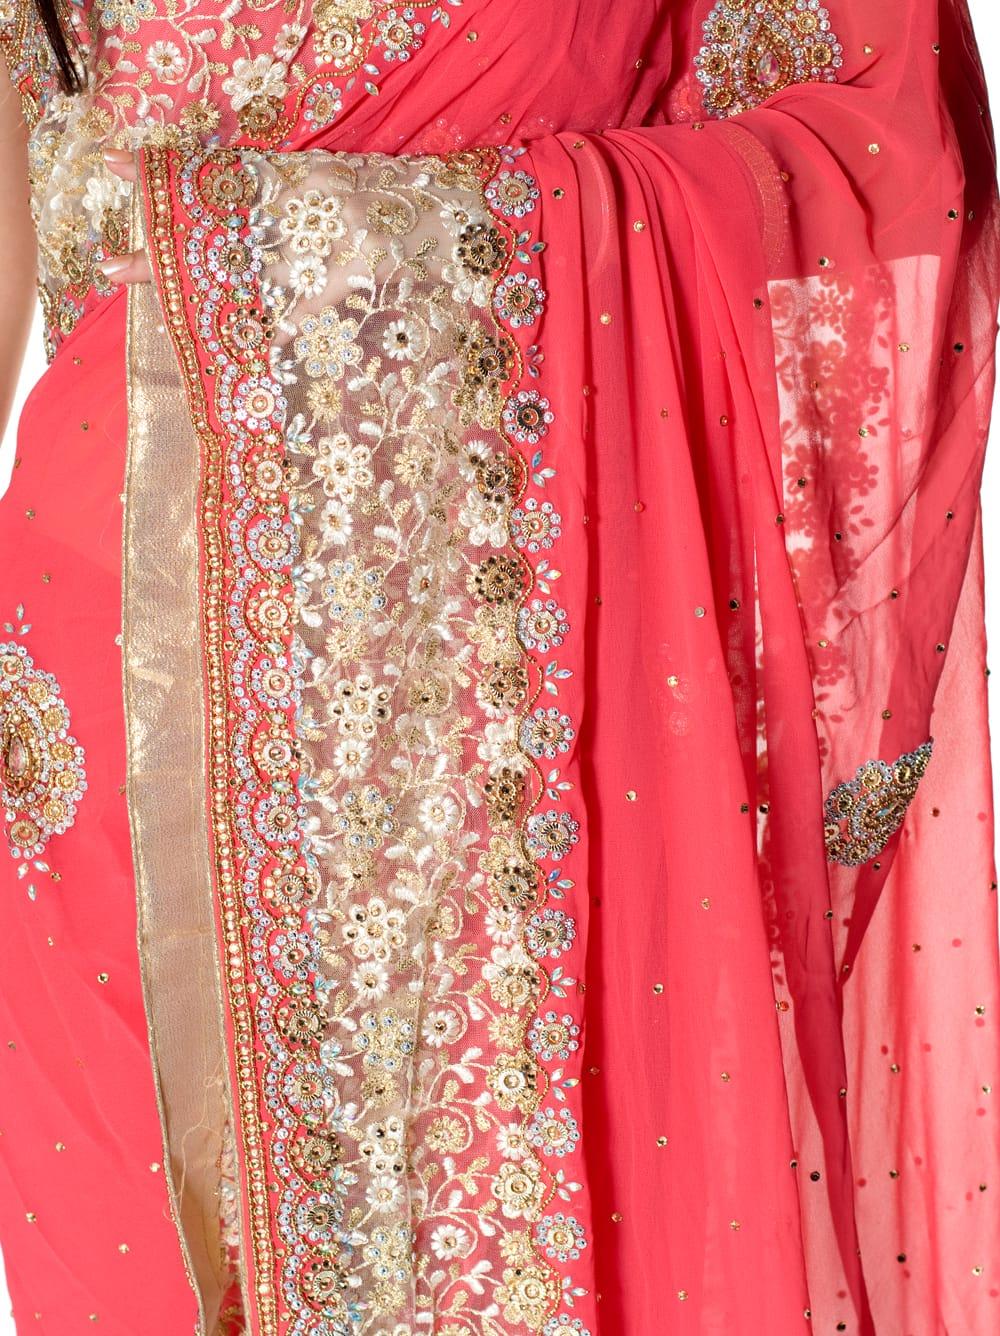 【一点物】刺繍とビジューの婚礼用ゴージャス ジョーゼットサリー【チョリ付き】 - ピンク 6 - とても綺麗なサリーです